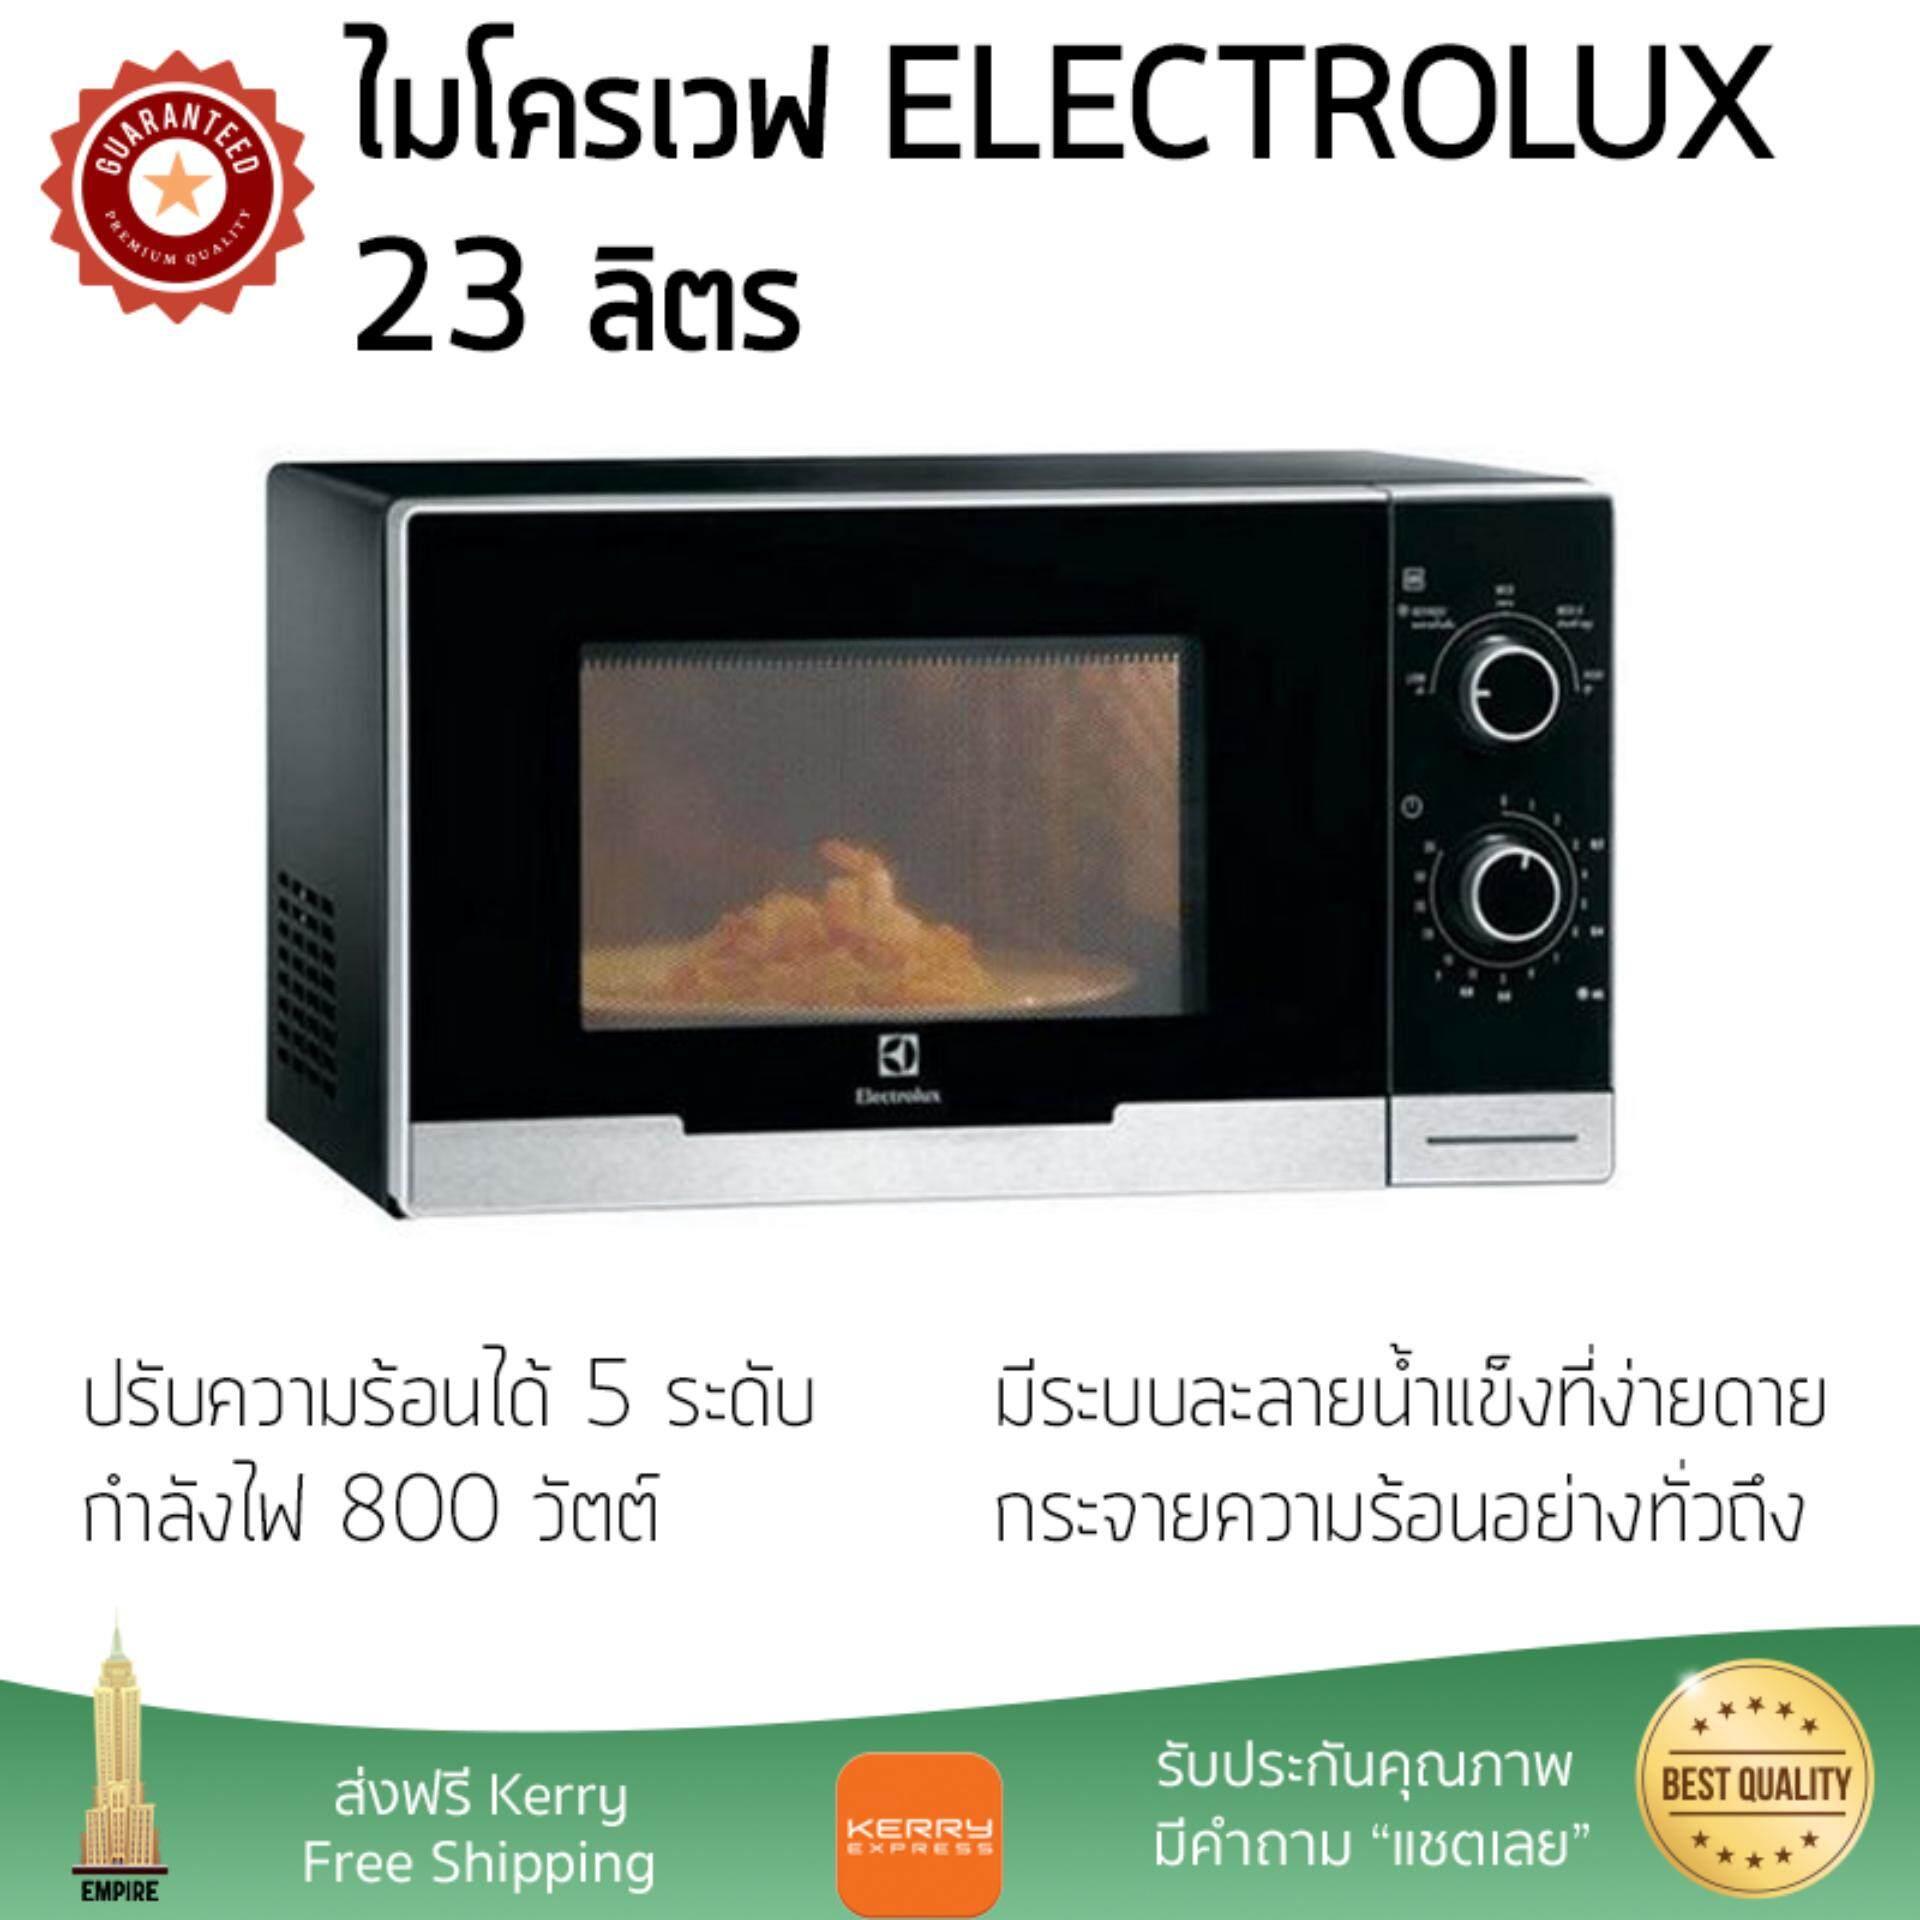 รุ่นใหม่ล่าสุด ไมโครเวฟ เตาอบไมโครเวฟ ไมโครเวฟ ELECTROLUX EMM2308X 23L | ELECTROLUX | EMM2308X ปรับระดับความร้อนได้หลายระดับ มีฟังก์ชันละลายน้ำแข็ง ใช้งานง่าย Microwave จัดส่งฟรีทั่วประเทศ